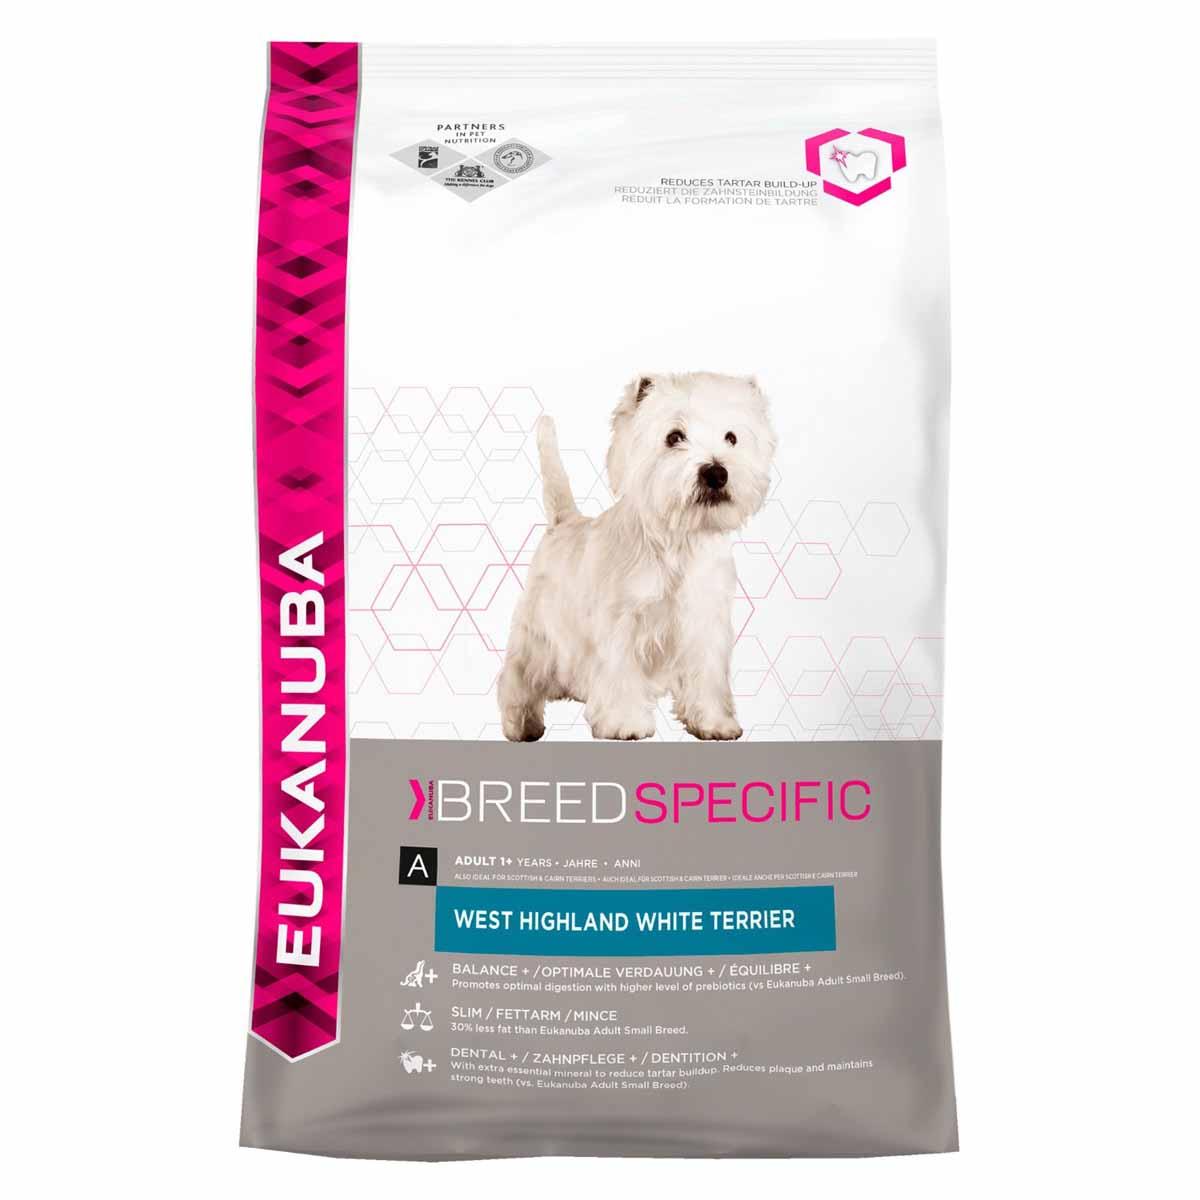 Корм сухой Eukanuba для взрослых собак породы вест-хайленд-уайт-терьер, 2,5 кг81077804Сухой корм Eukanuba является полноценным сбалансированным питанием, специально разработанным для взрослых собак породы вест-хайленд-уайт-терьер, а также подходящий для кормления собак пород скотч-терьеров, вельш-терьеров, керн-терьеров и цвергшнауцер. Вест-хайленд-уайт-терьер - дружелюбные отважные собаки, требующие постоянного внимания к себе. Для поддержания наилучшей формы нужно контролировать их вес. Для поддержания хорошего состояния кожи и зубов лучше использовать специальное питание. Не содержит искусственных красителей и ароматизаторов. Содержит разрешенные ЕС антиоксиданты (токоферолы). Корм Eukanuba заботится о здоровье вашего любимца. Особенности корма Eukanuba: - важный антиоксидант поддерживает естественную защиту организма вашего питомца; - пребиотики и пульпа сахарной свеклы способствуют поддержанию здорового пищеварения путем обеспечения нормального функционирования кишечника; - оптимальное соотношение...